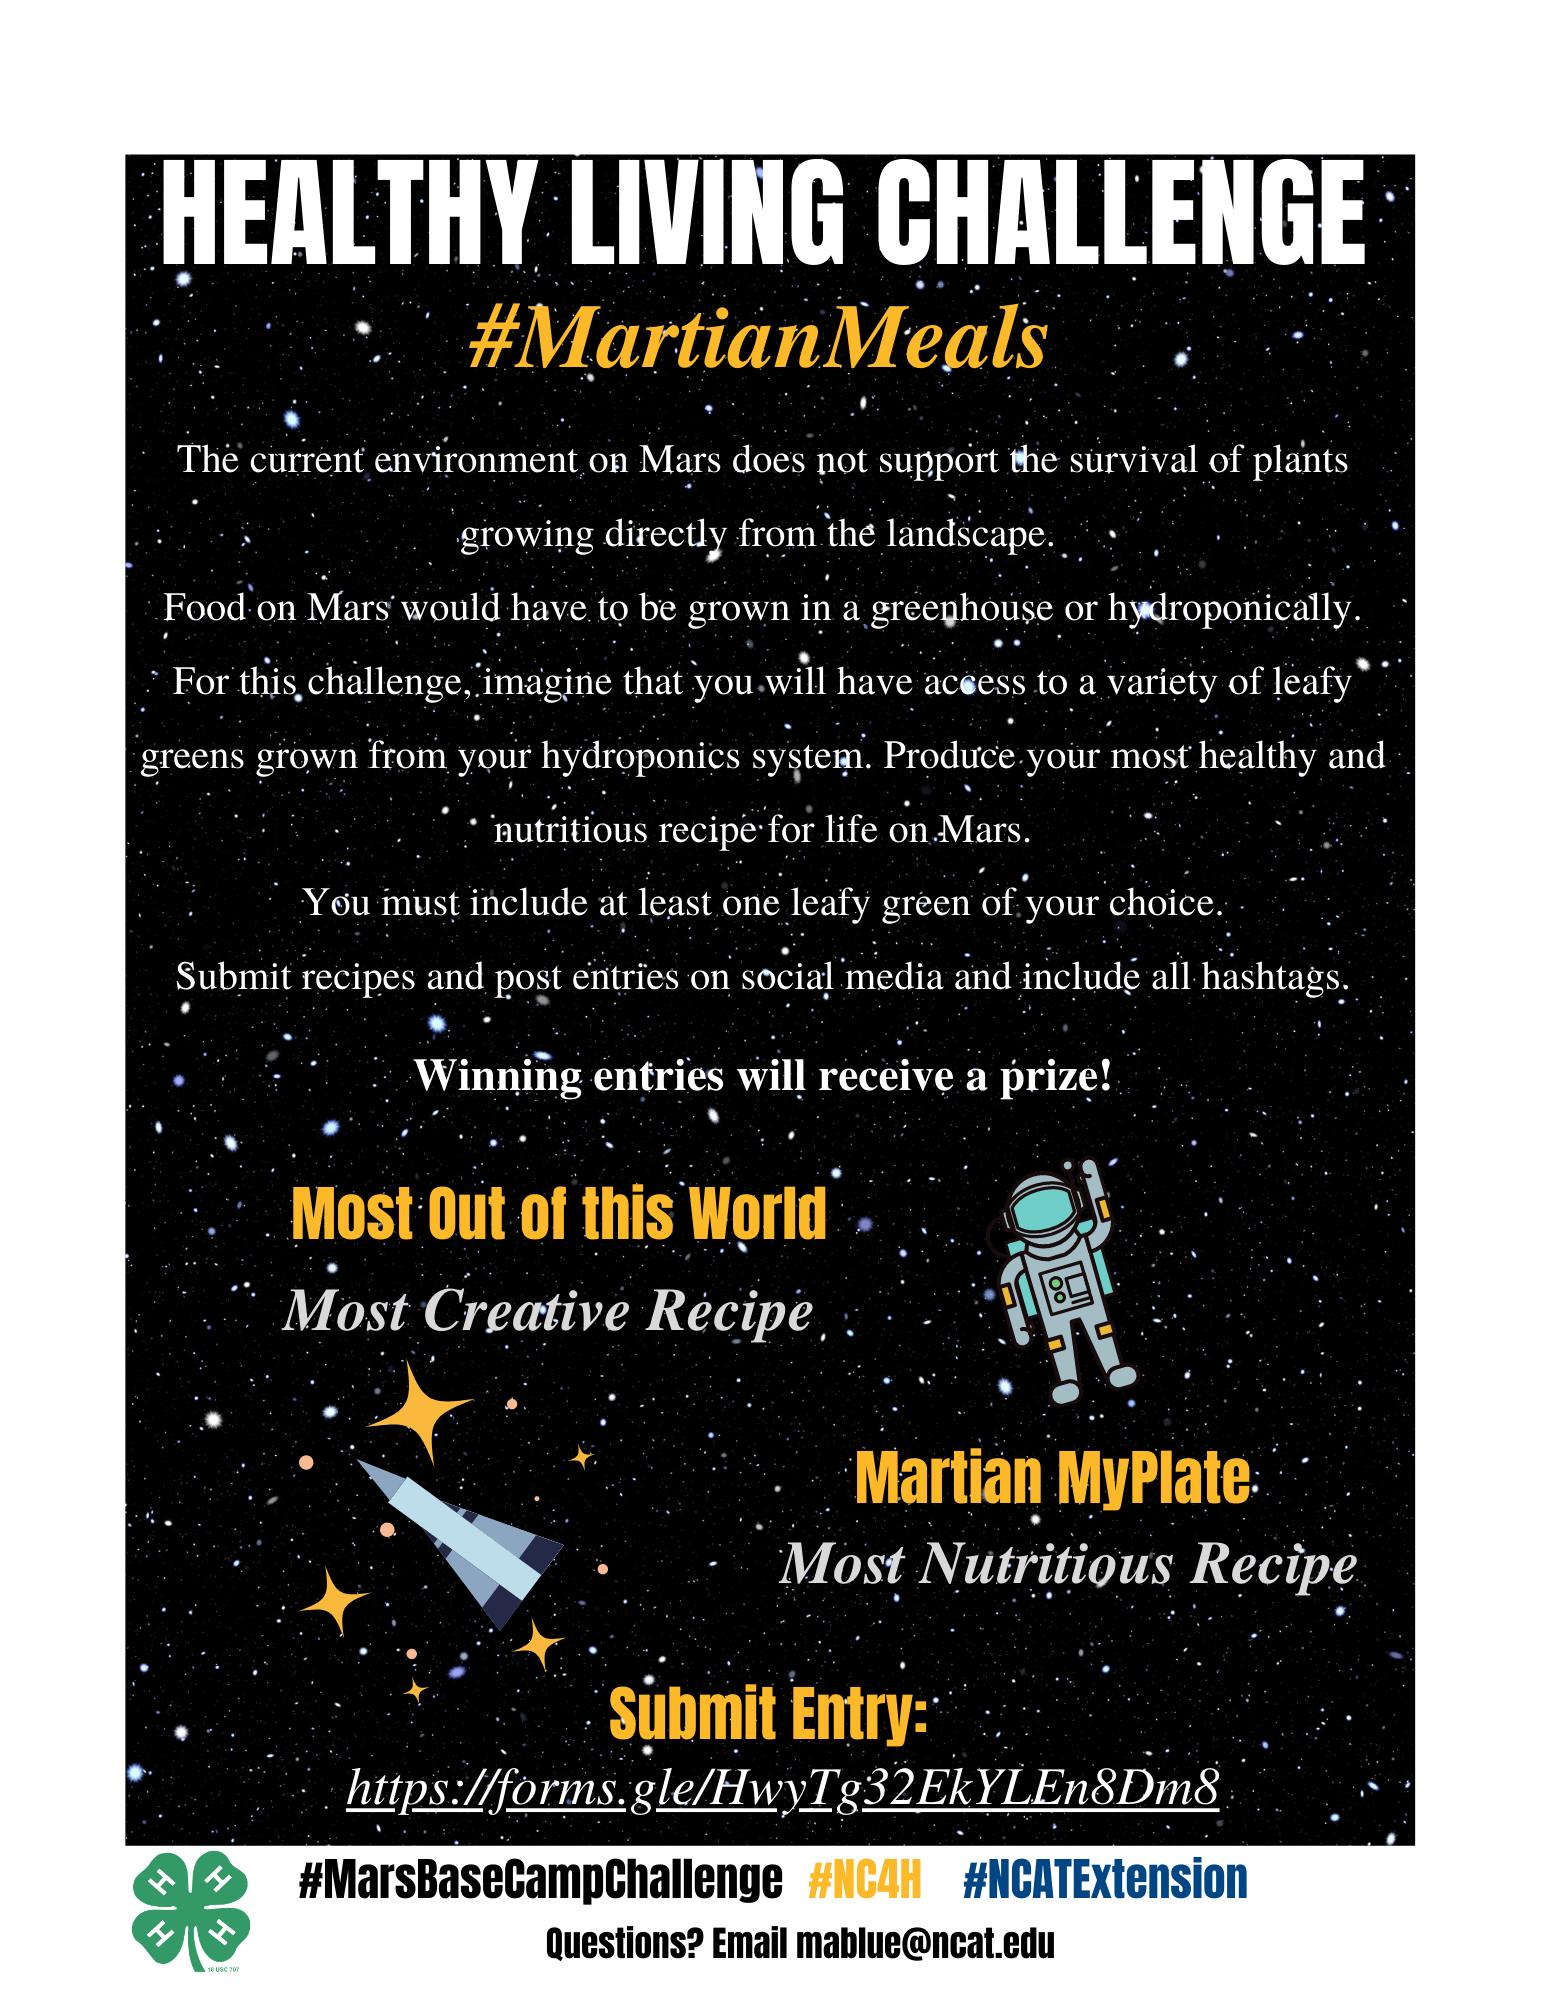 Martian Meals